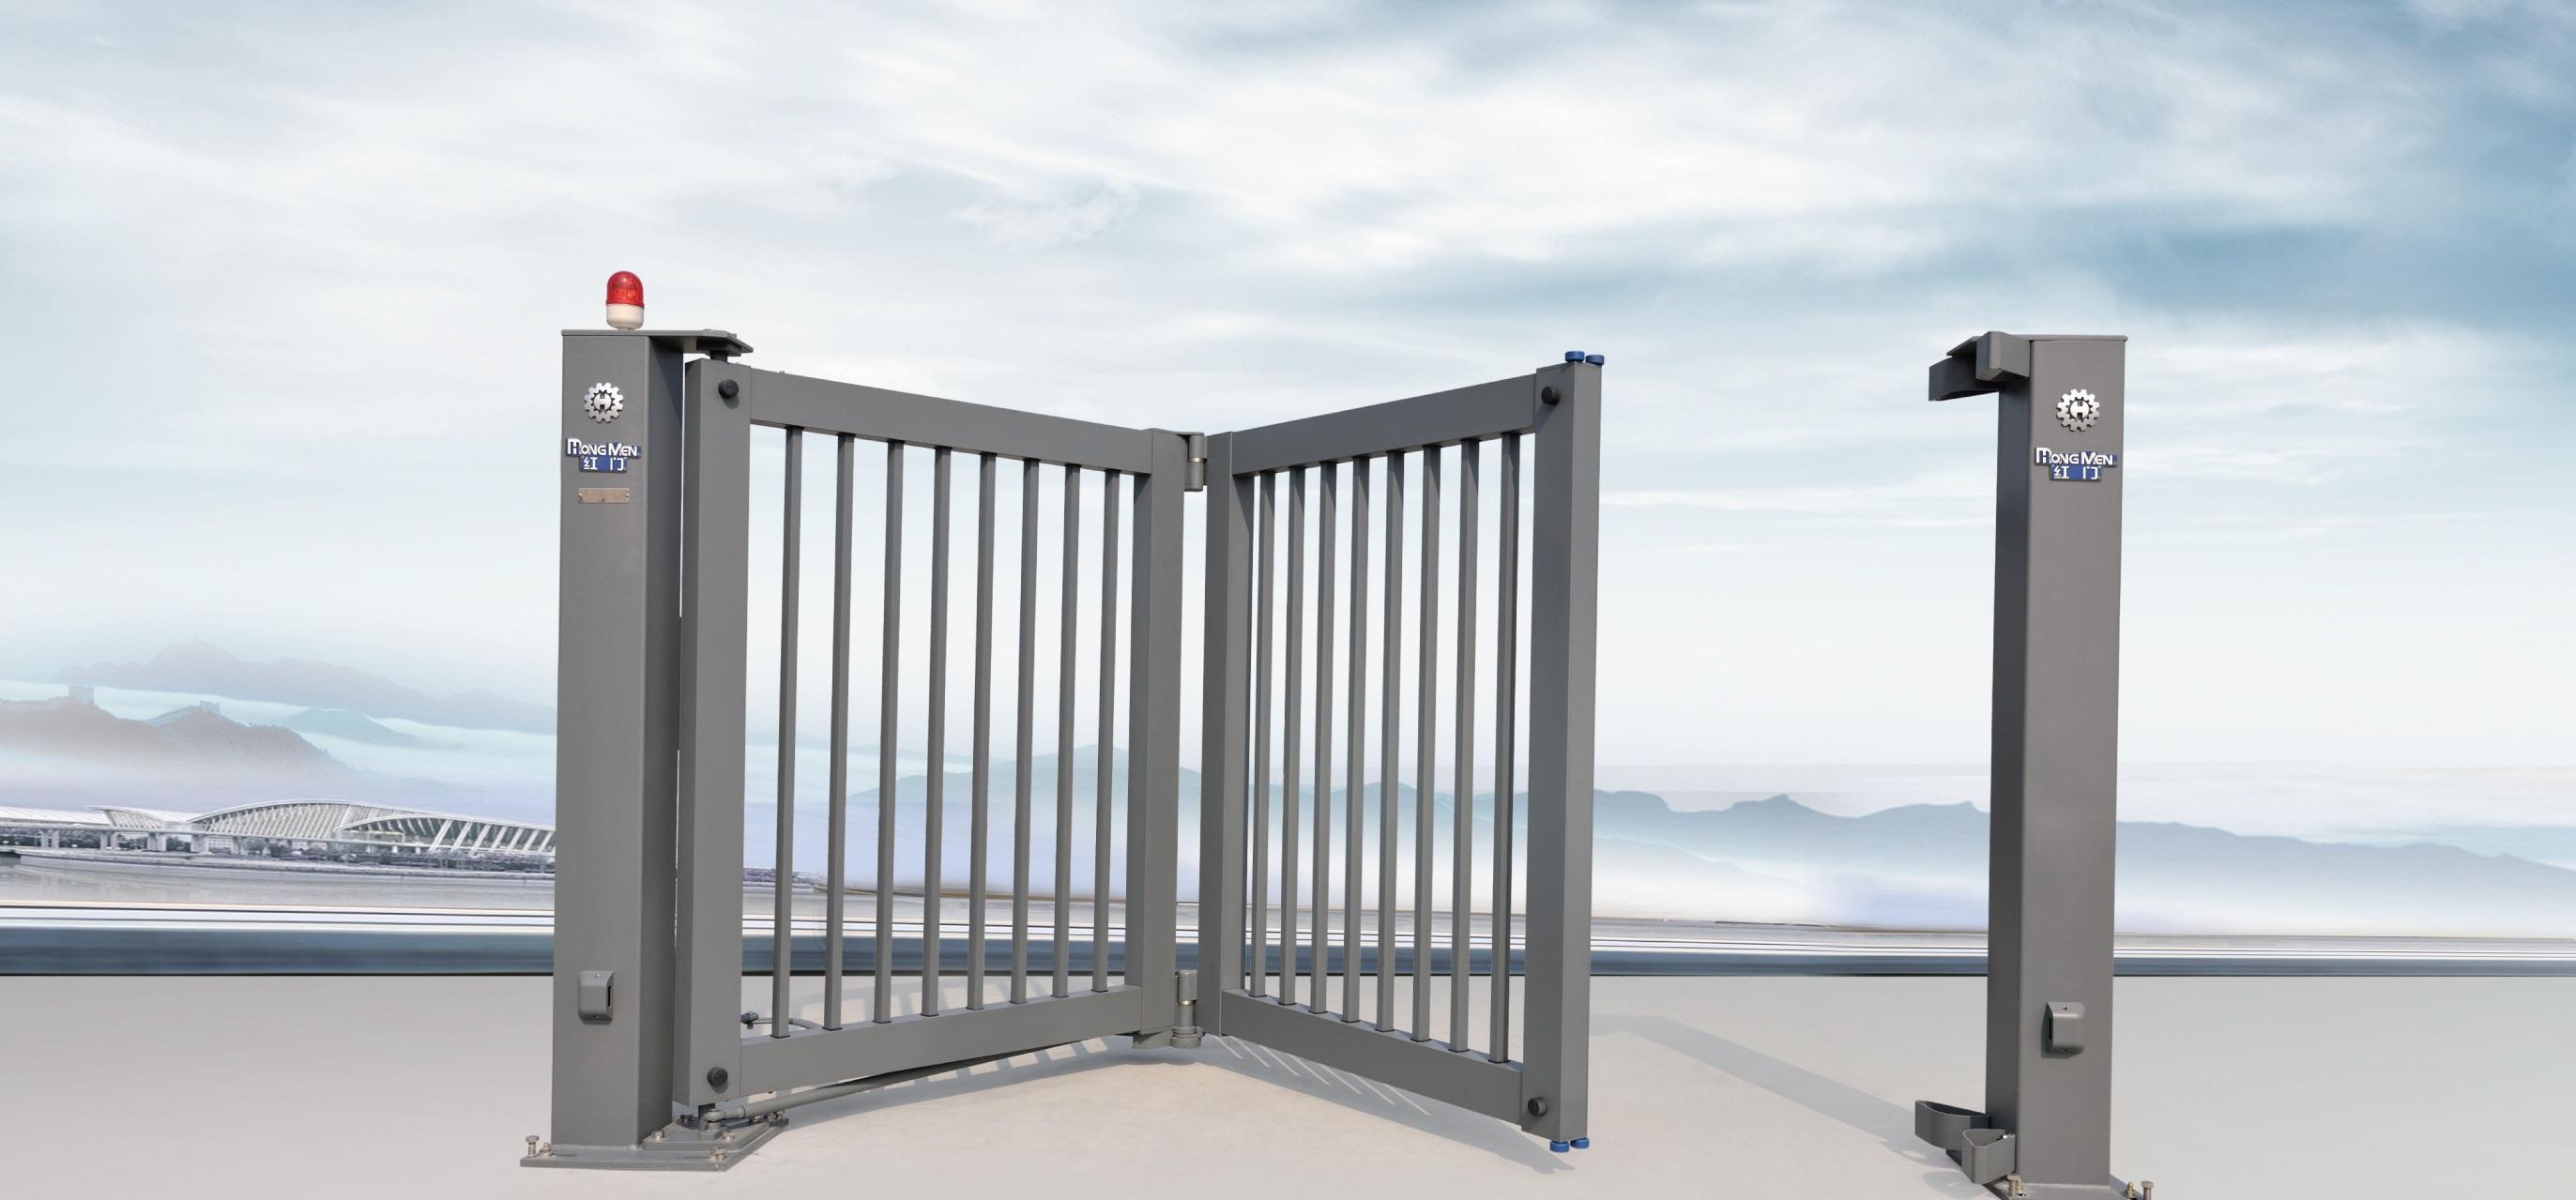 Fotocelulas, sistemas para la seguridad